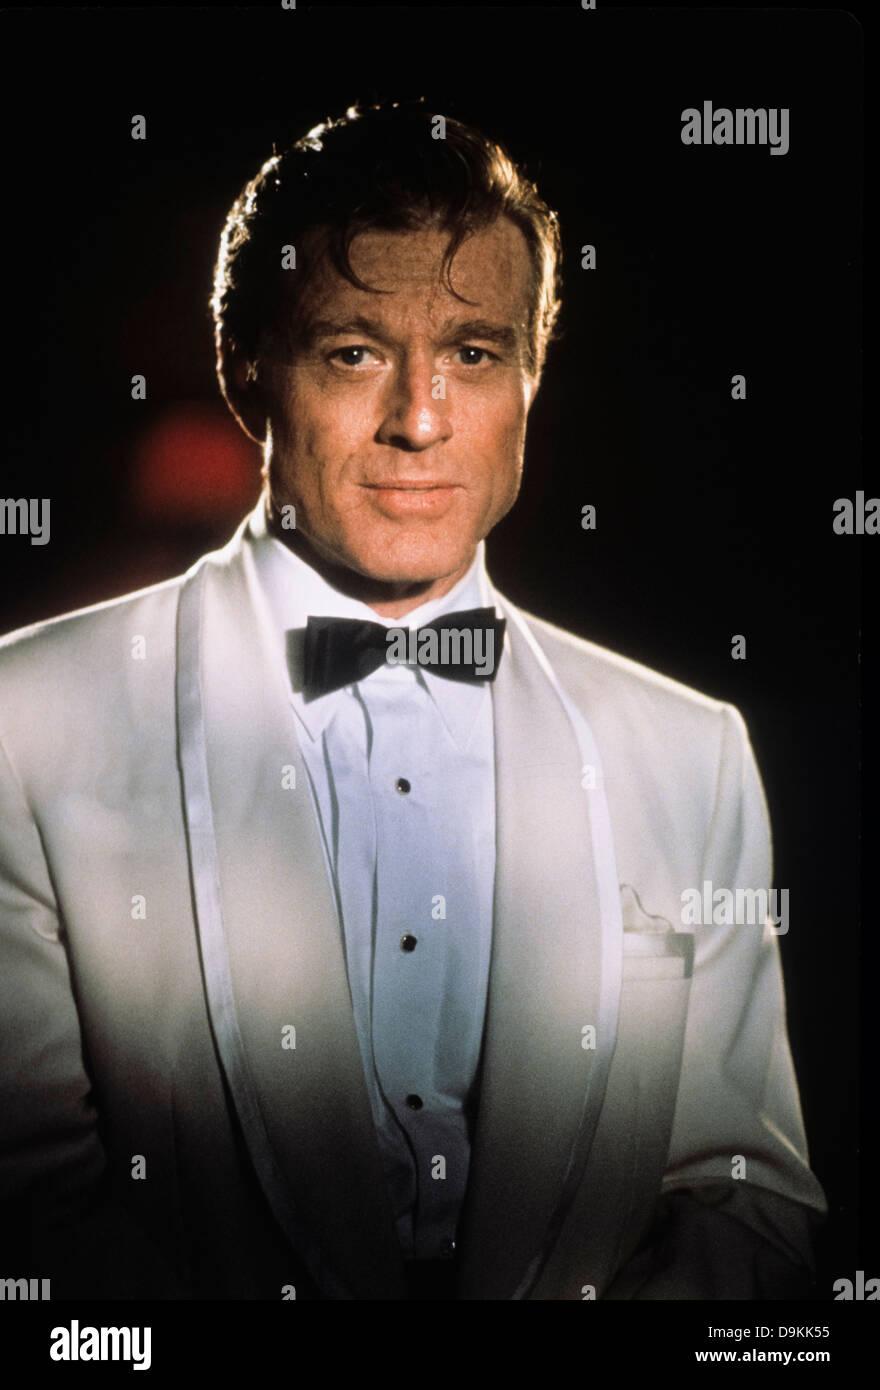 Robert Redford,havana 1990 - Stock Image